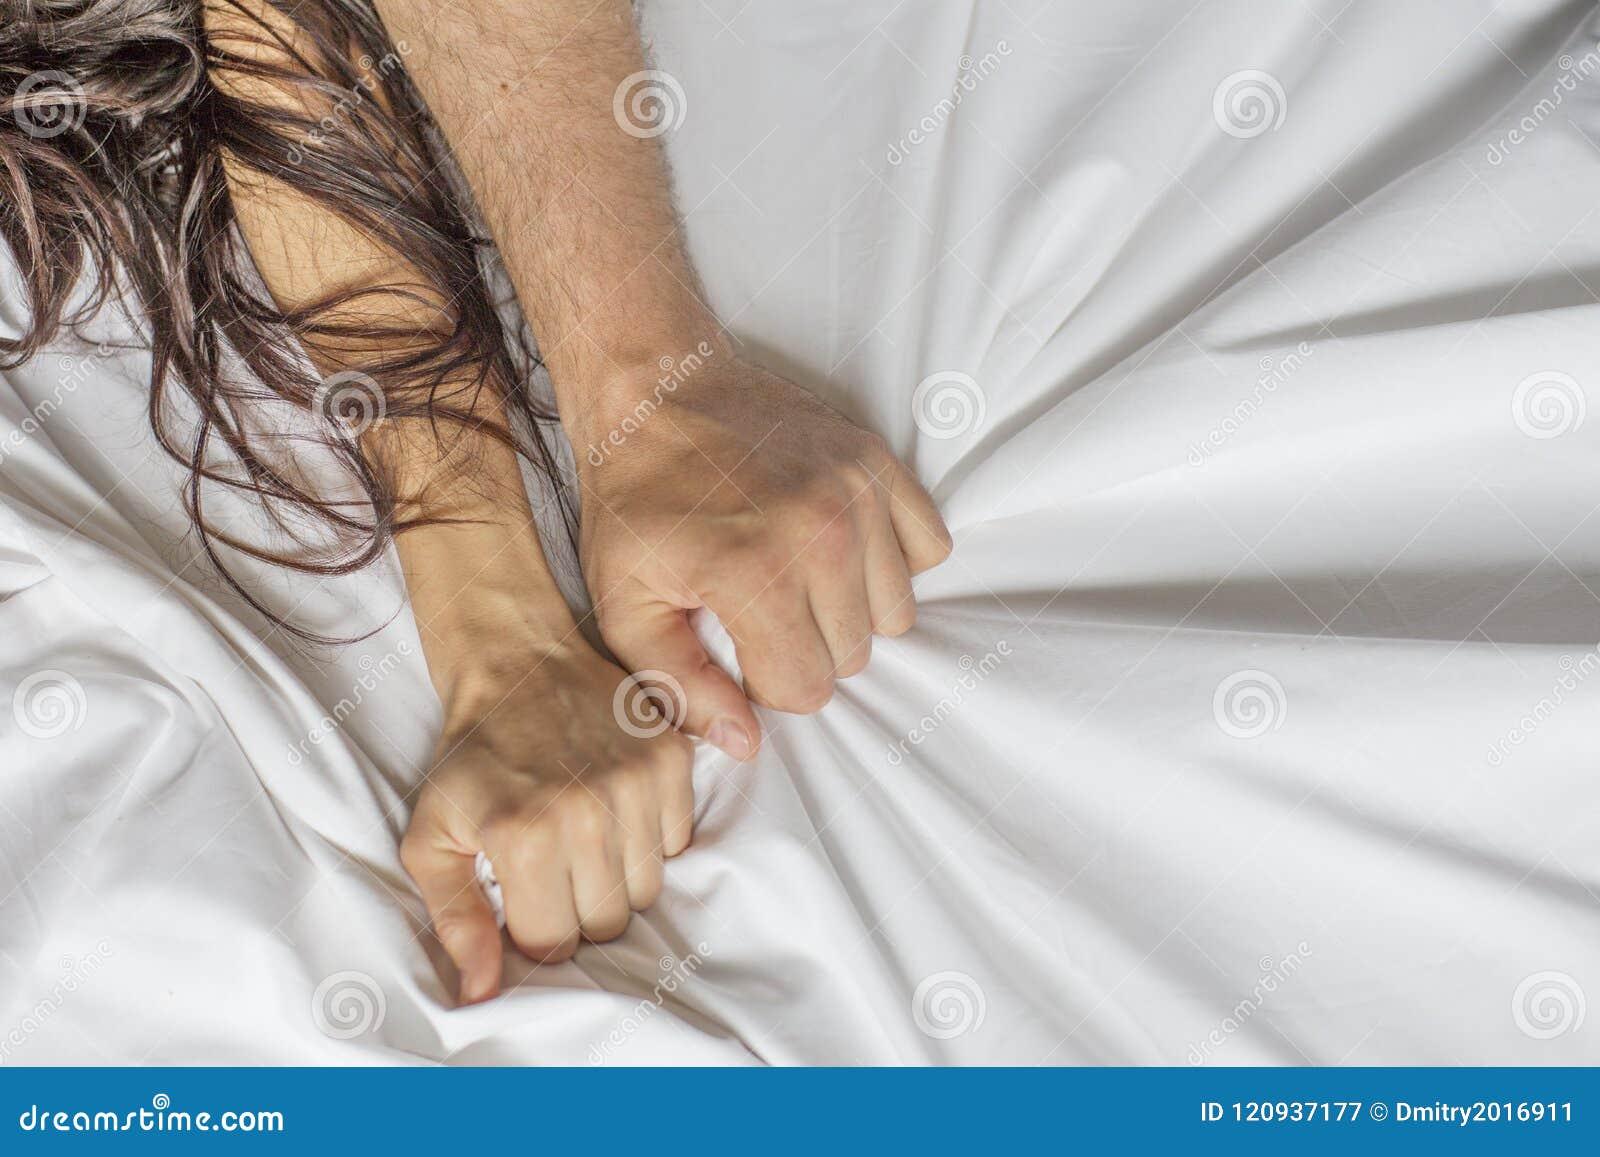 Wedding up sex close erotic